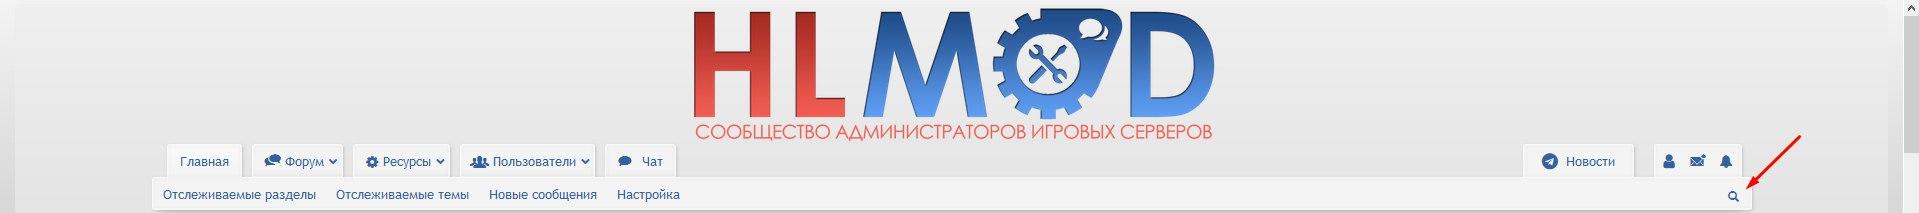 sb_MhuWtAdc.jpg